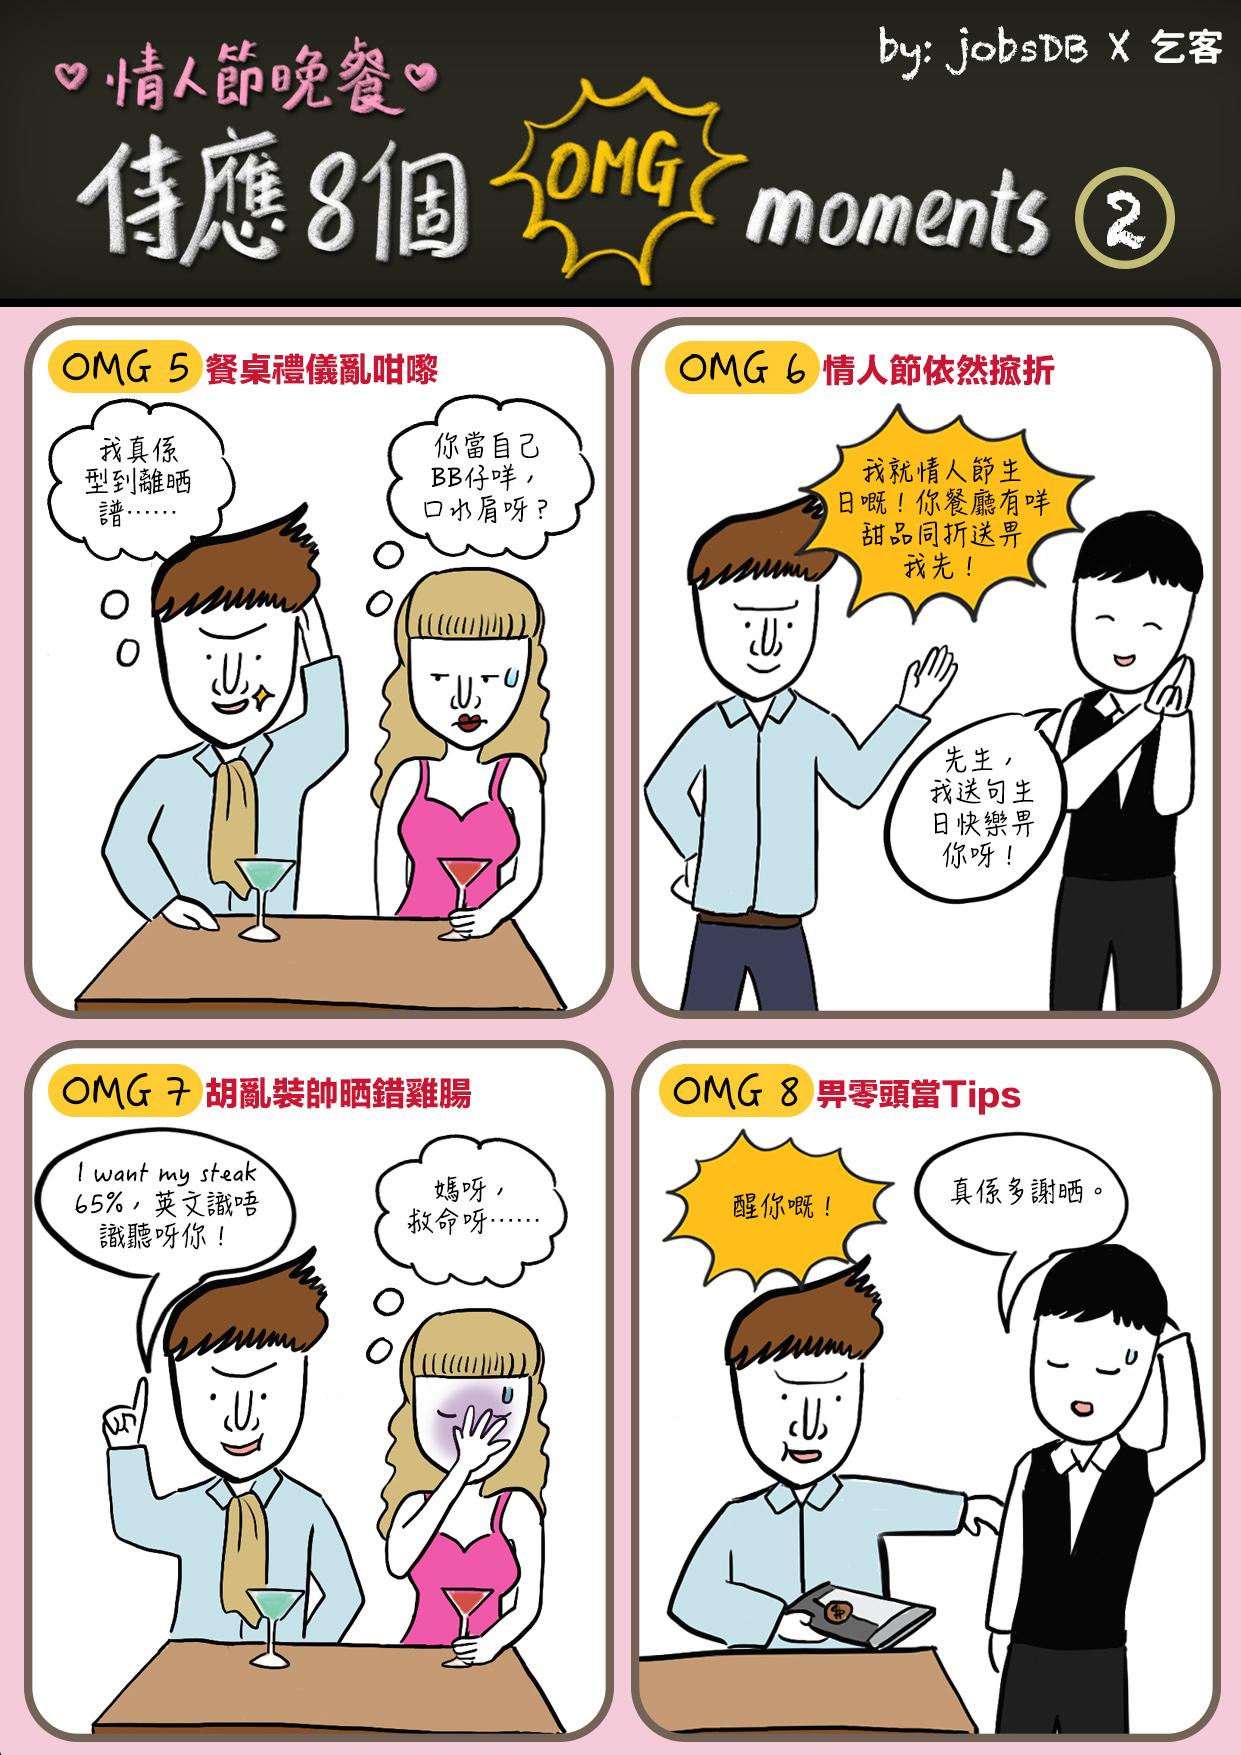 情人節晚餐:侍應8個OMG Moments(2)